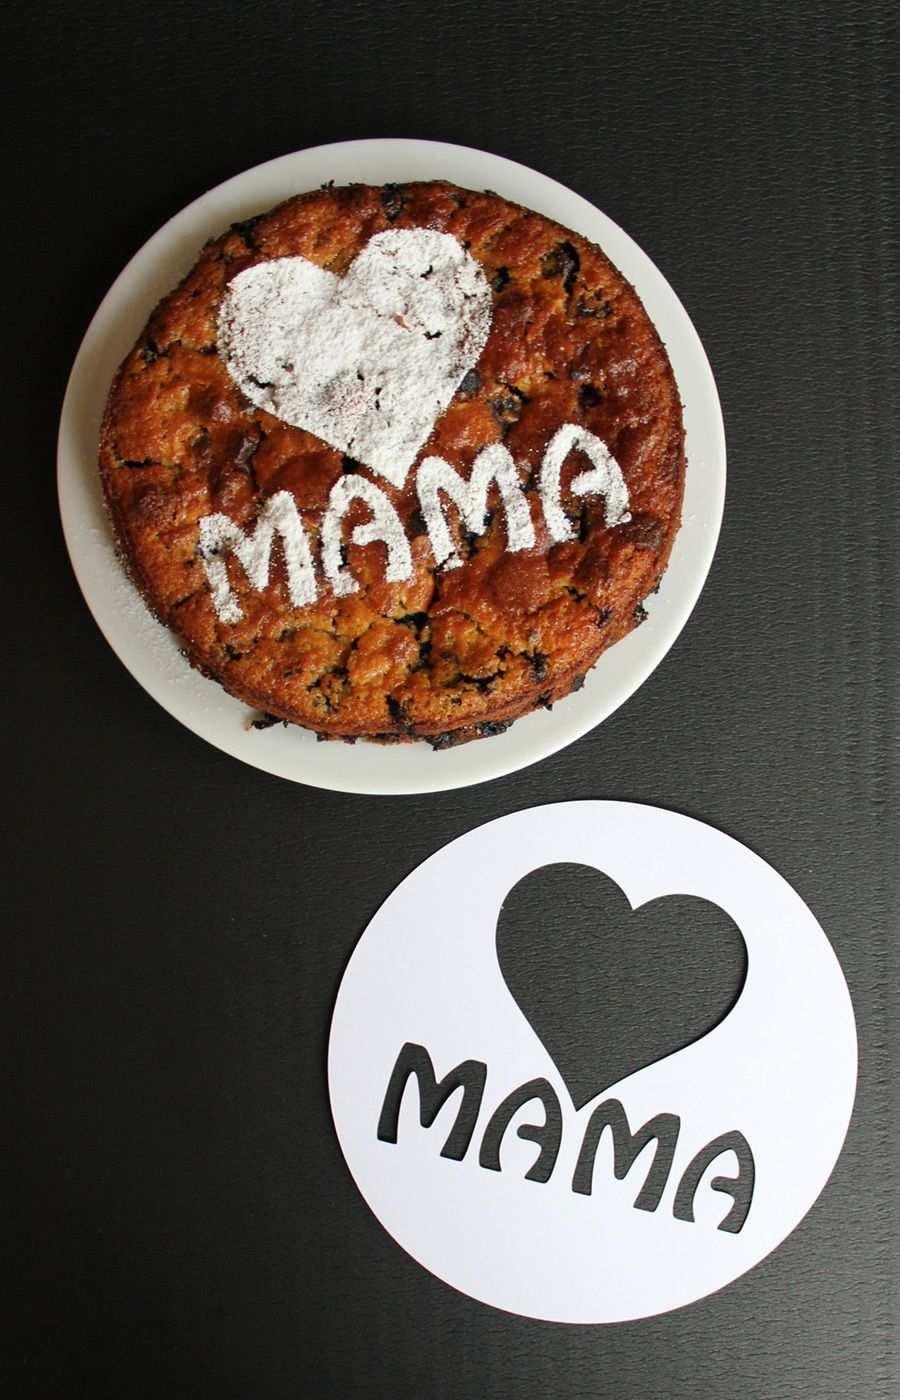 Vorlage Fur Puderzucker Schablone Fur Muttertagskuchen Plotterfreebie Muttertagskuchen Kuchen Schablone Cupcakes Selber Machen